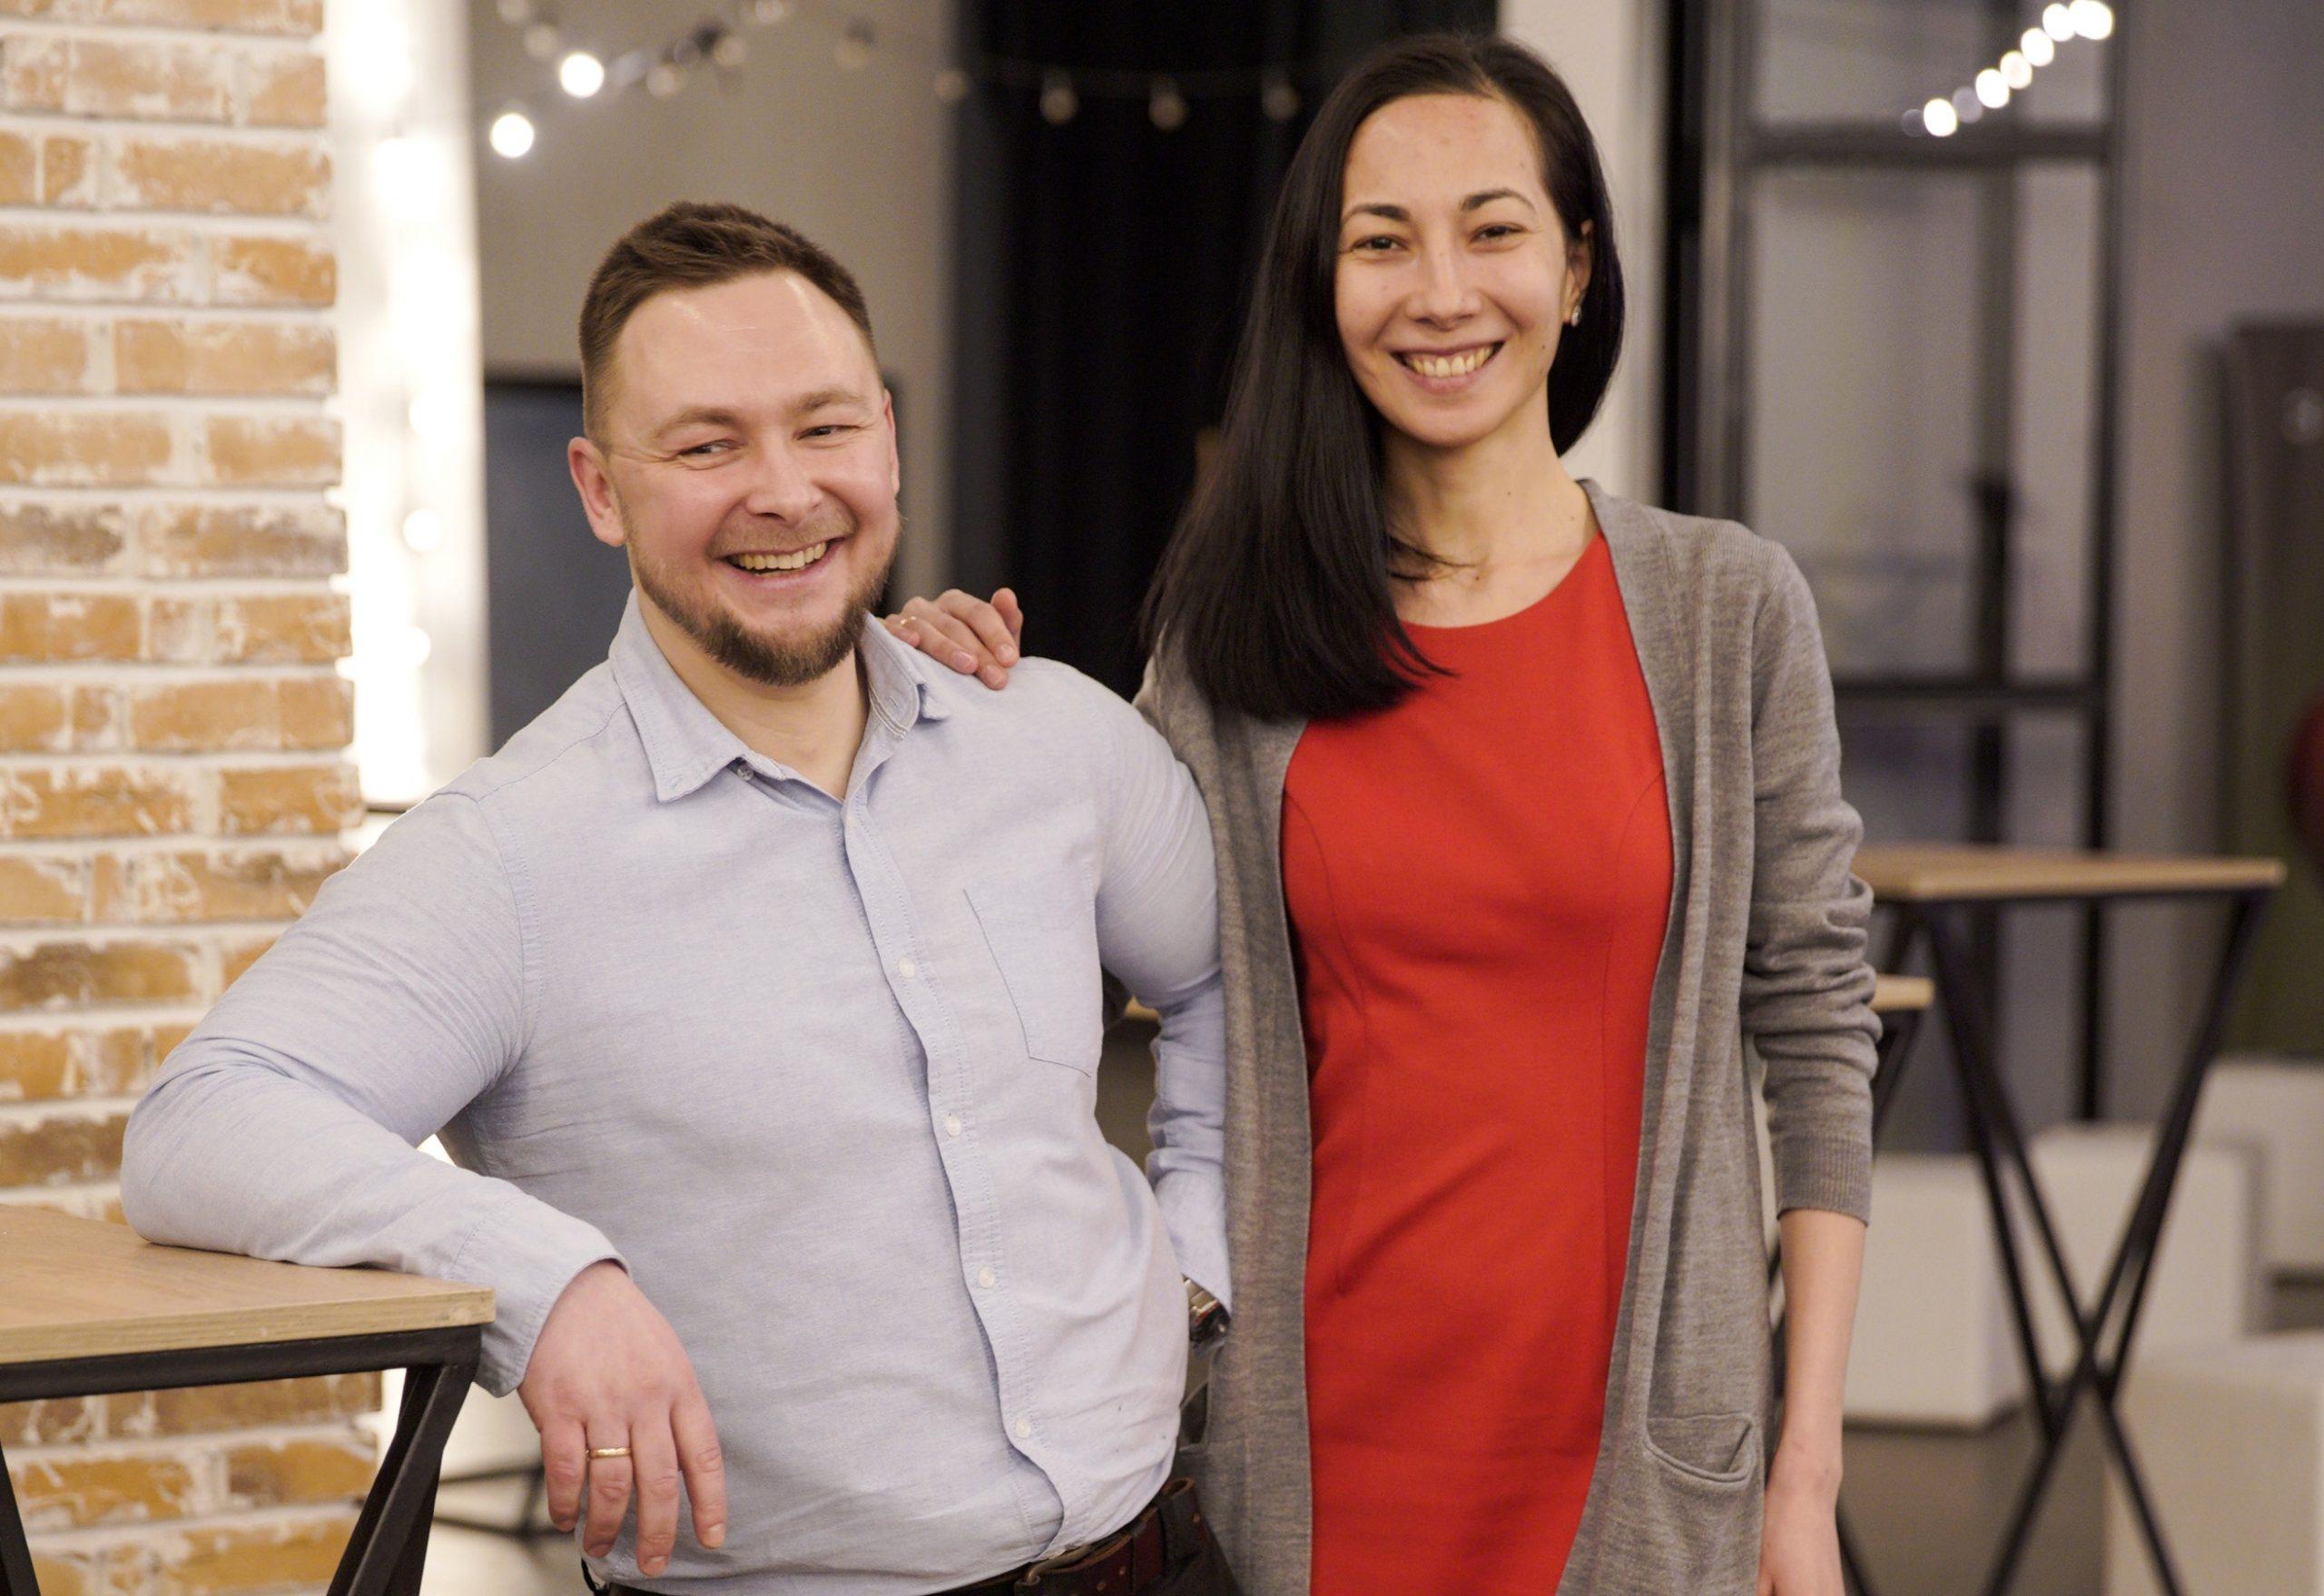 Макс та Аня Буковські - Залишатися в країні та бути щасливою сім'єю